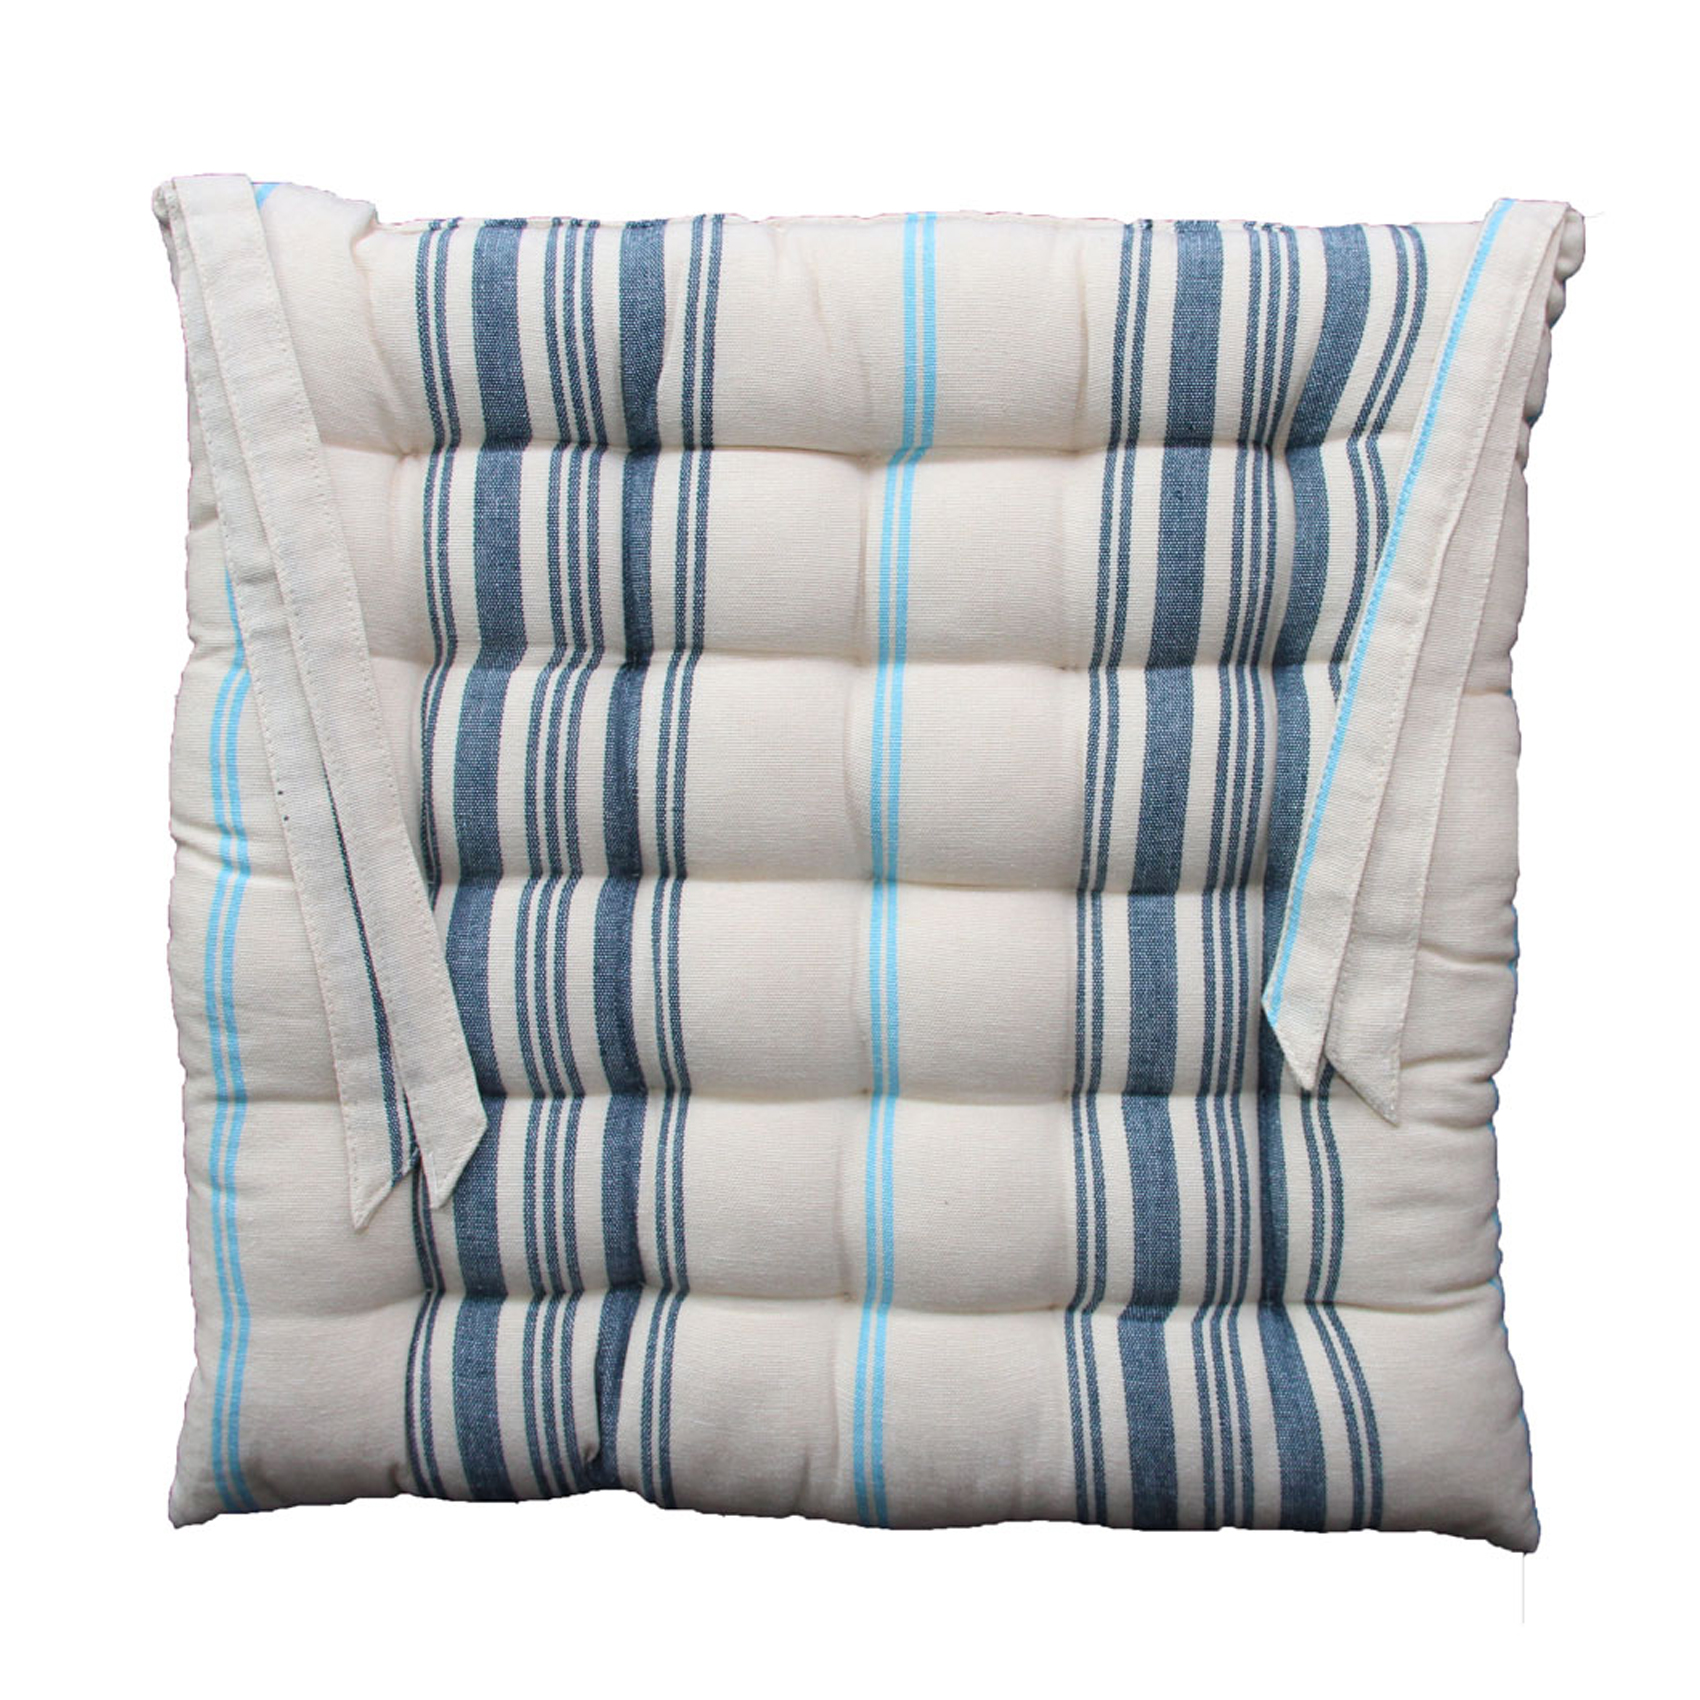 Galette de chaise en 100% coton bleu 40x40